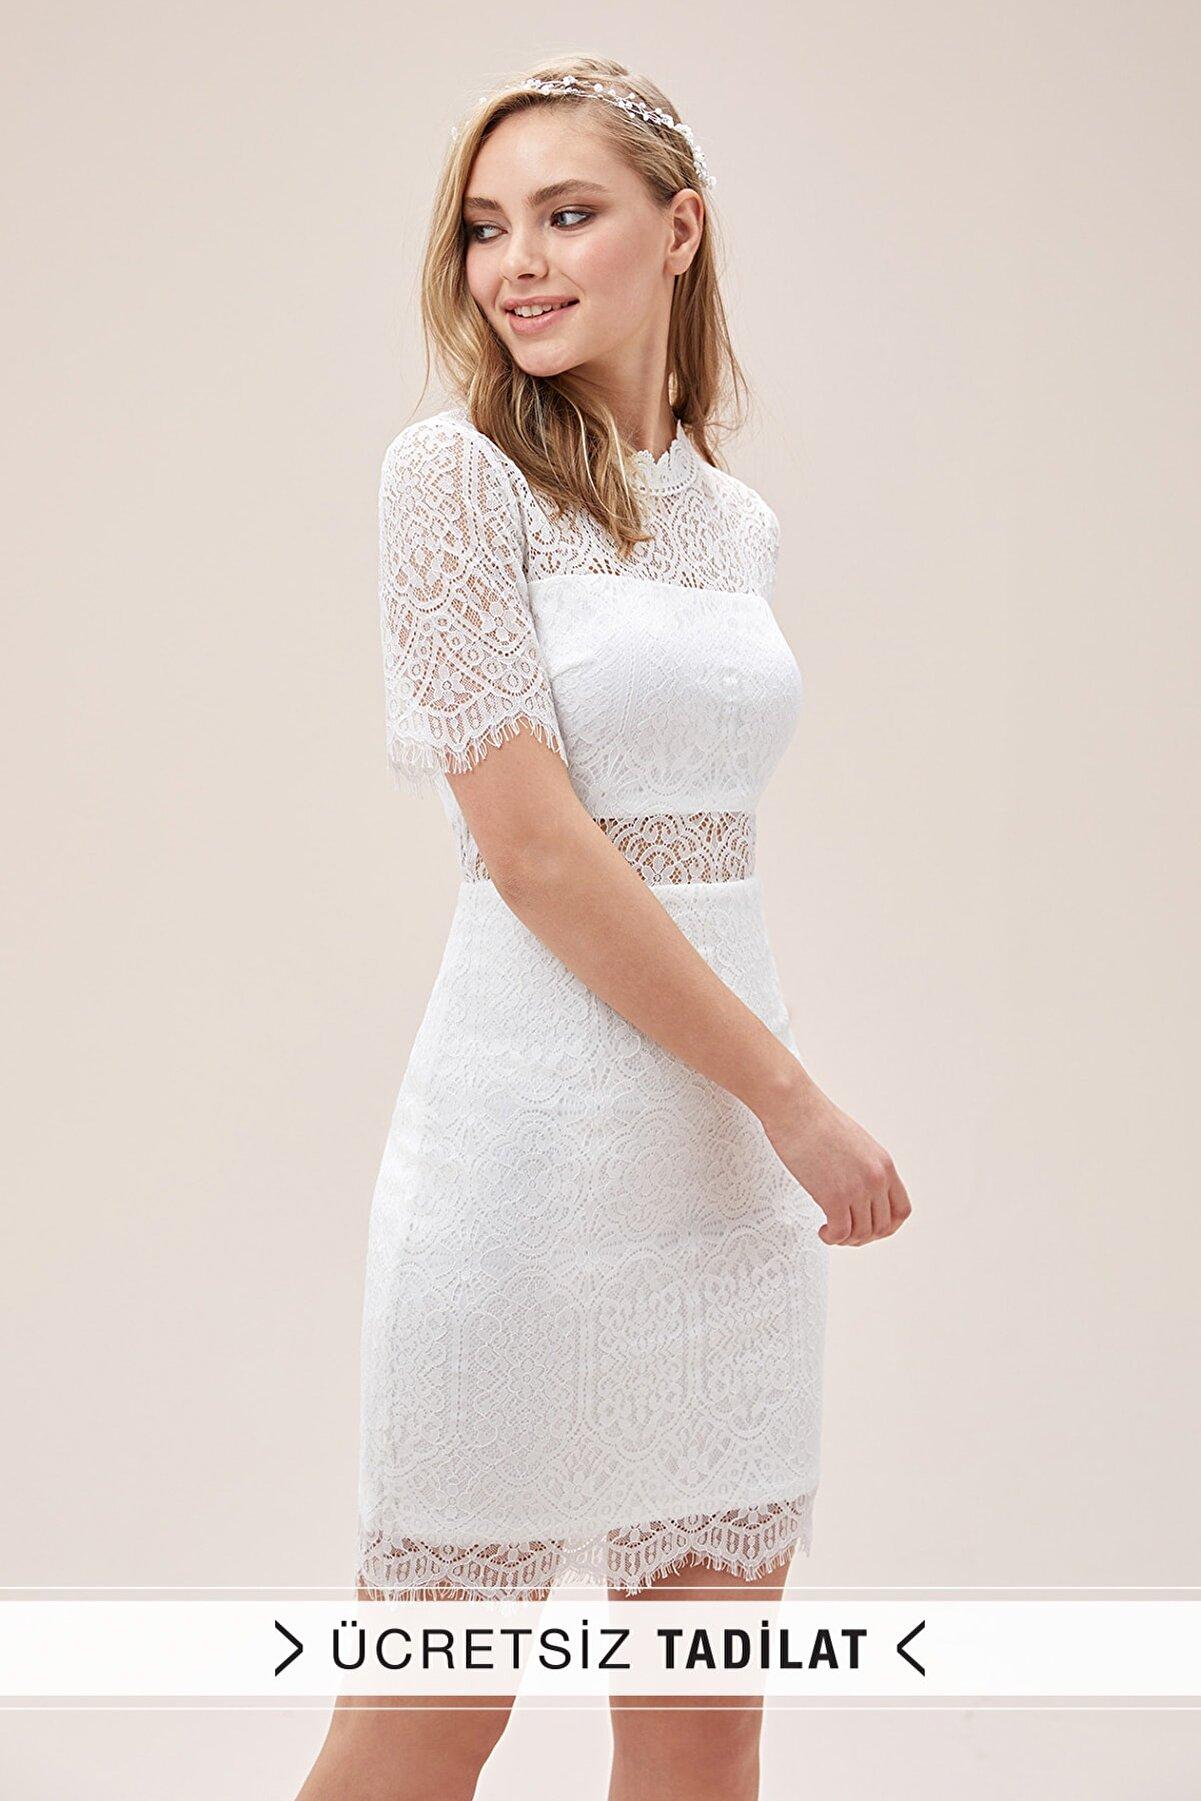 Oleg Cassini Kadın Beyaz Dantel İşlemeli Kısa Kollu Yüksek Yaka Kısa Nikah Elbisesi WBM1701